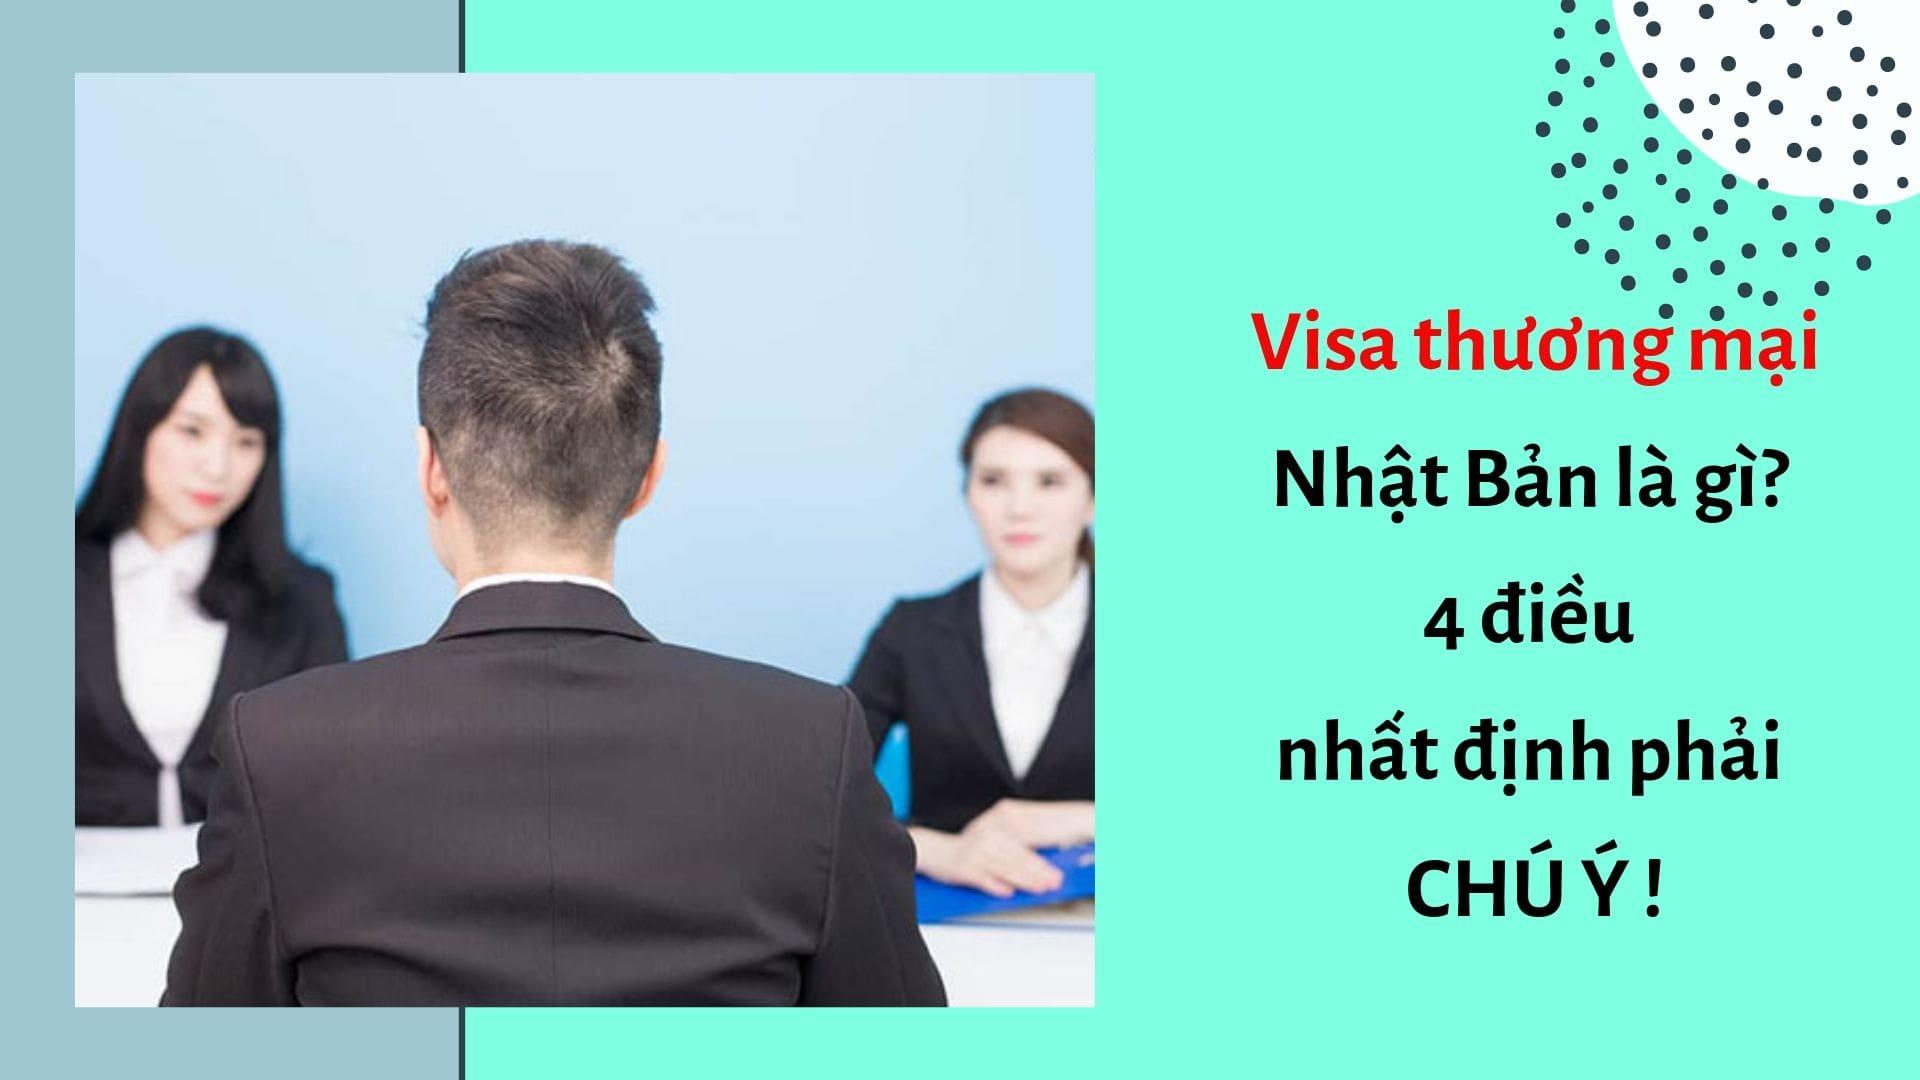 Visa thương mại Nhật Bản là gì? 4 điều nhất định phải chú ý!